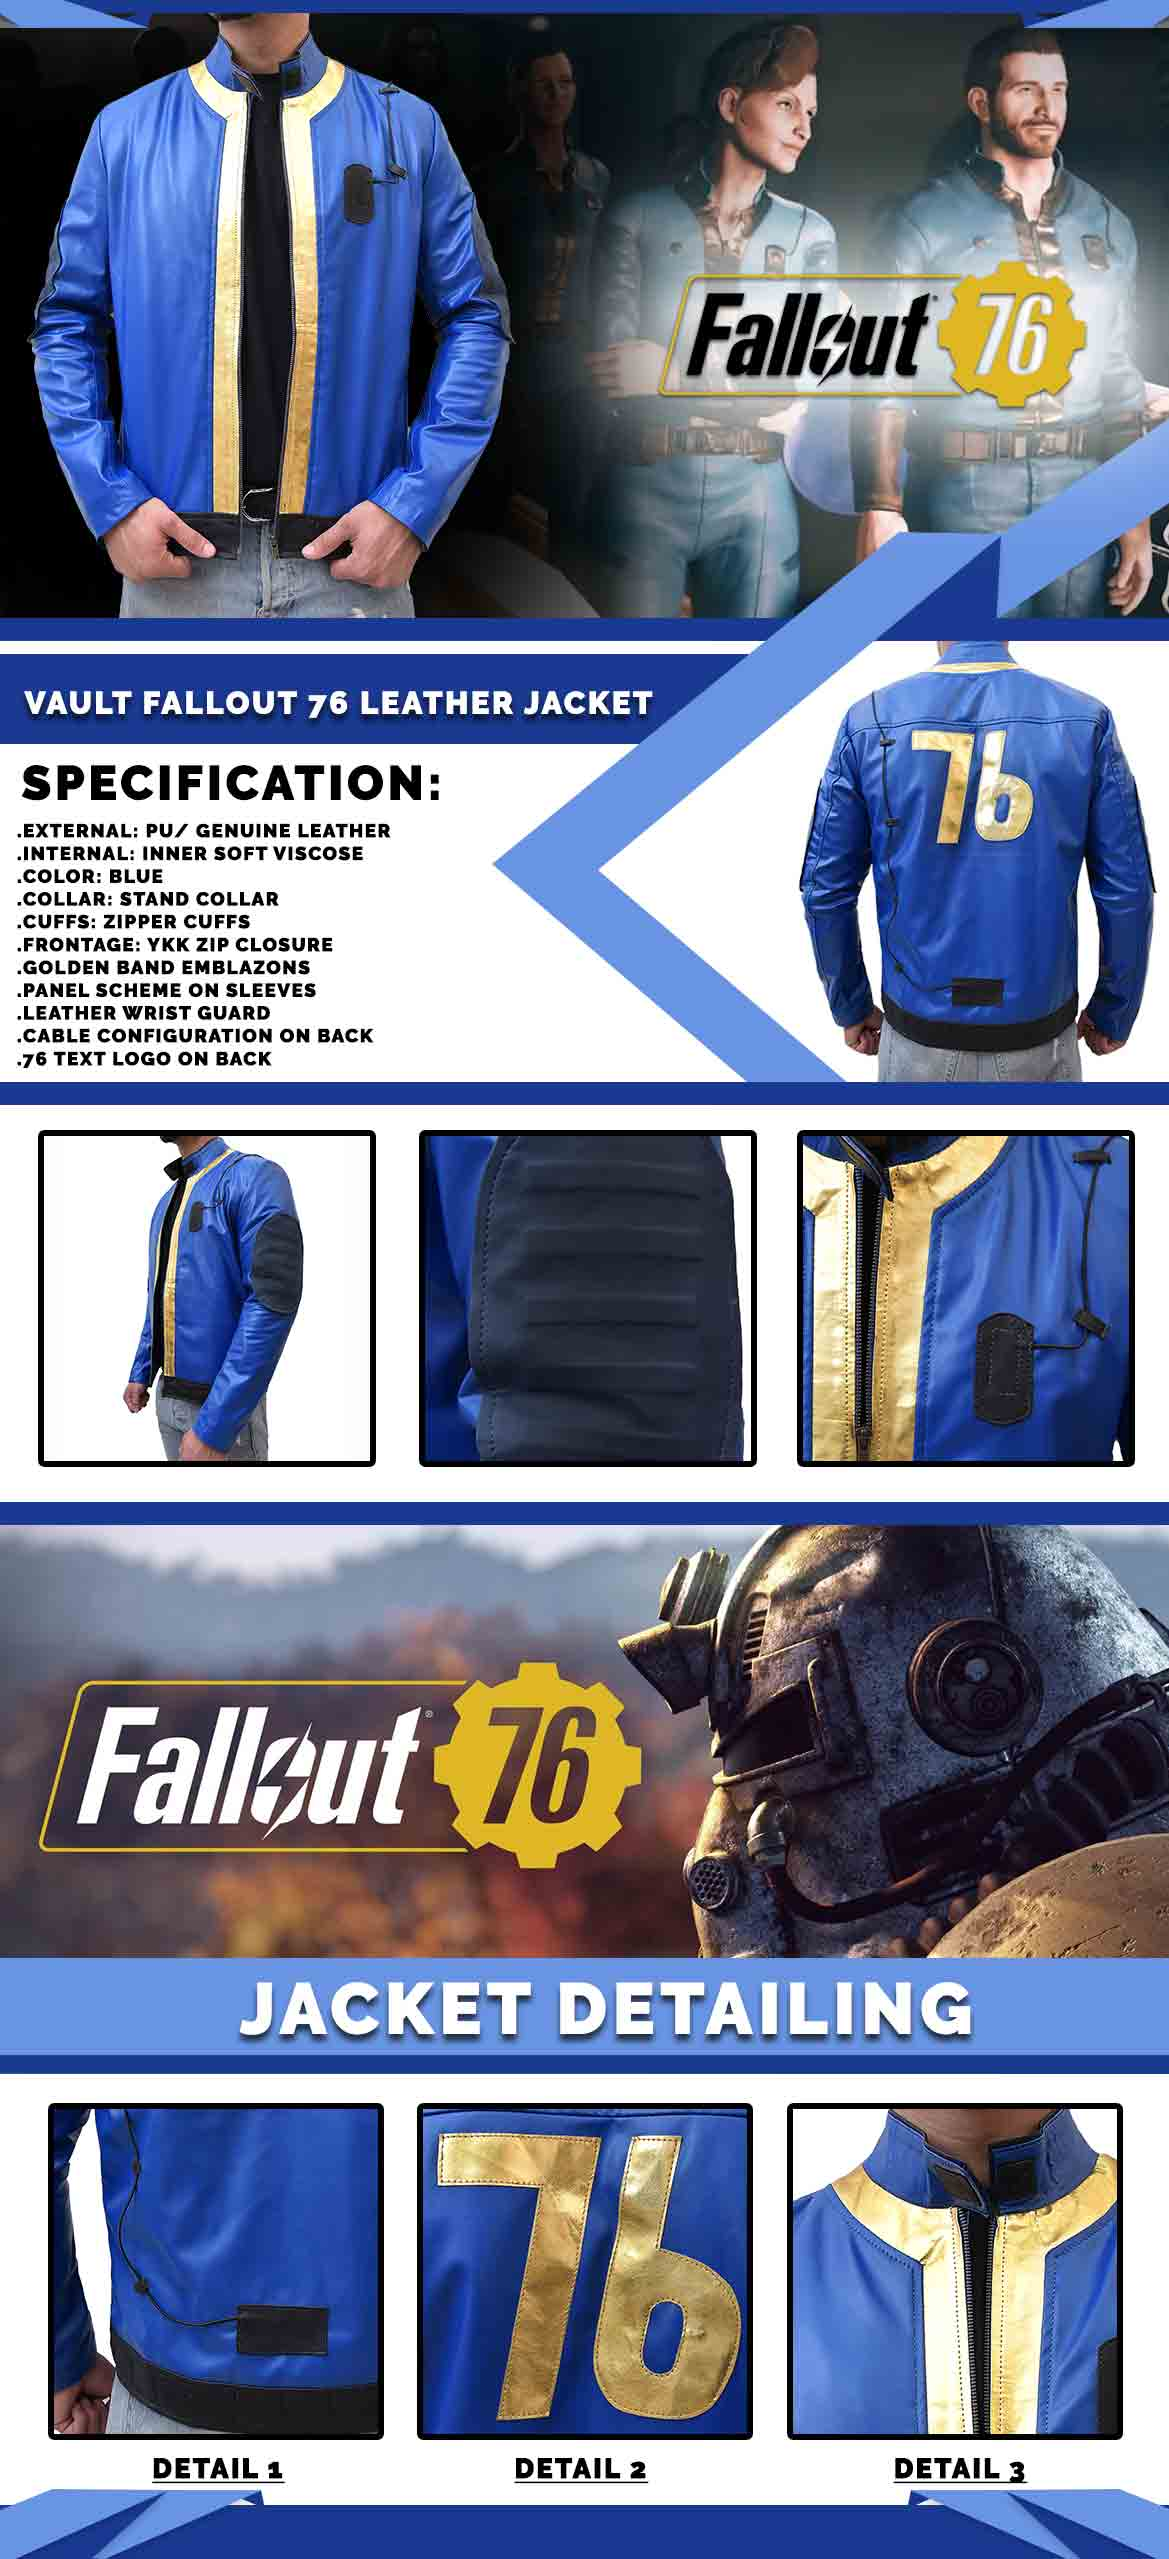 fallout-76-jacket